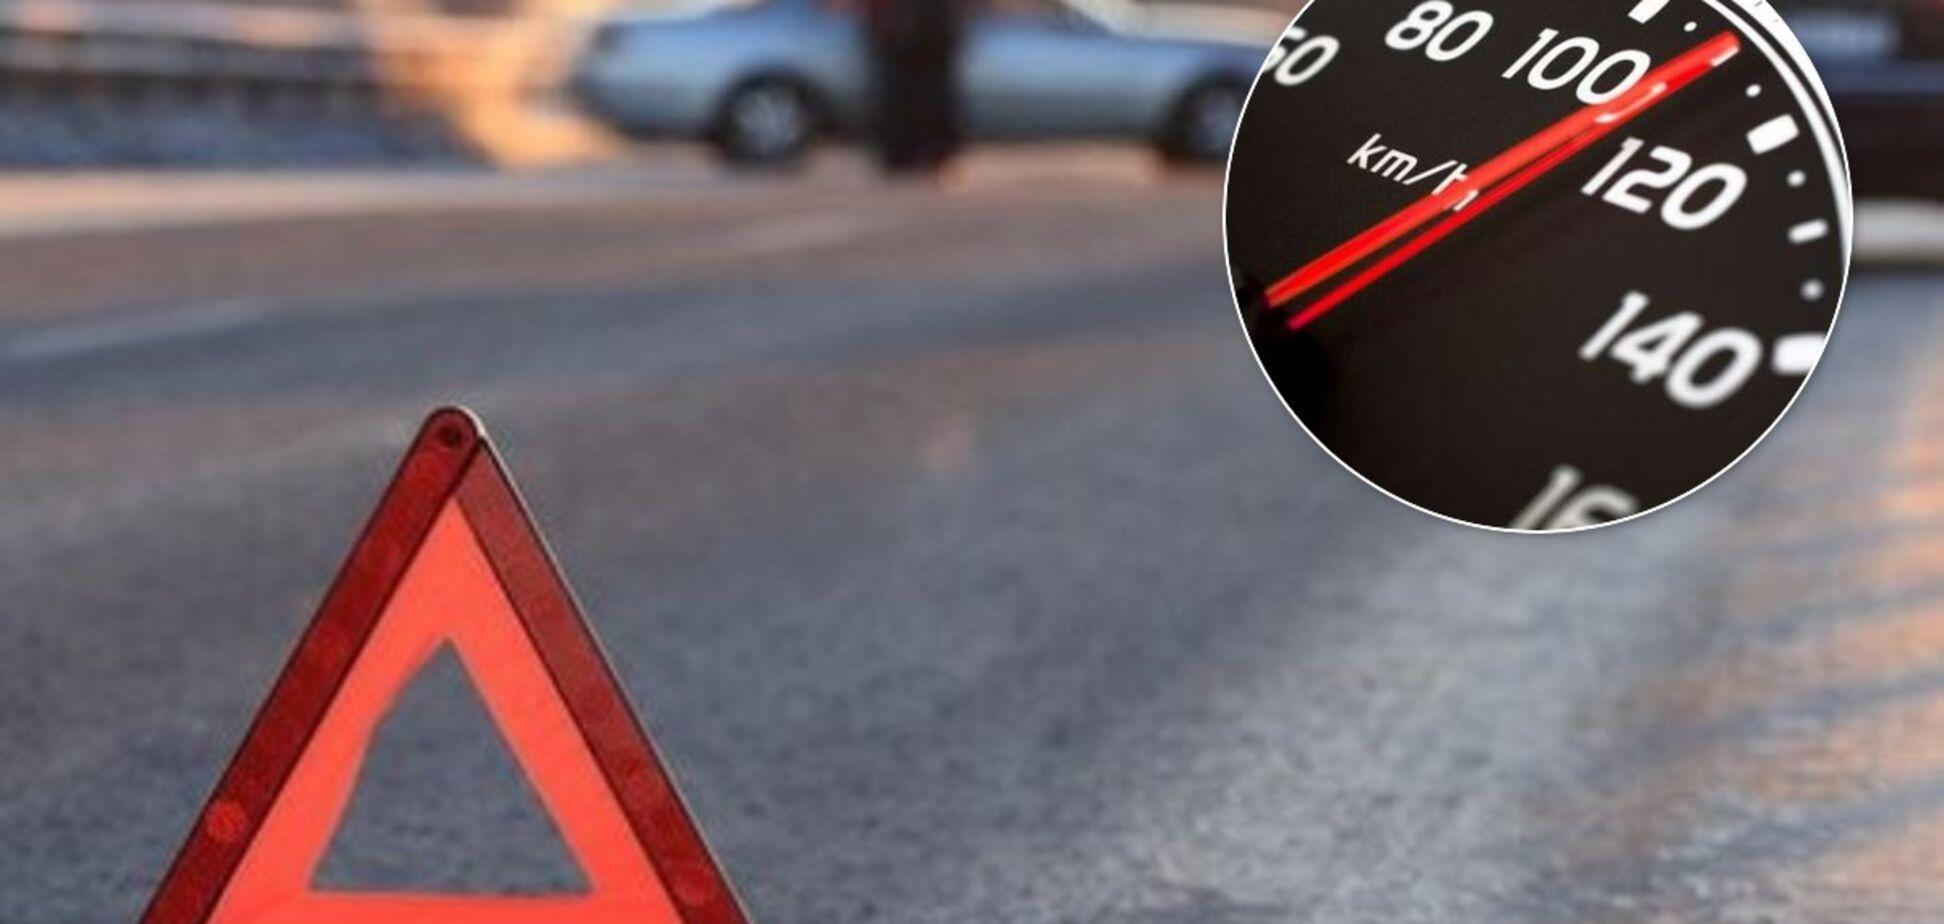 Безпечні дороги, зниження аварійності та кількості постраждалих у ДТП – наші пріоритети